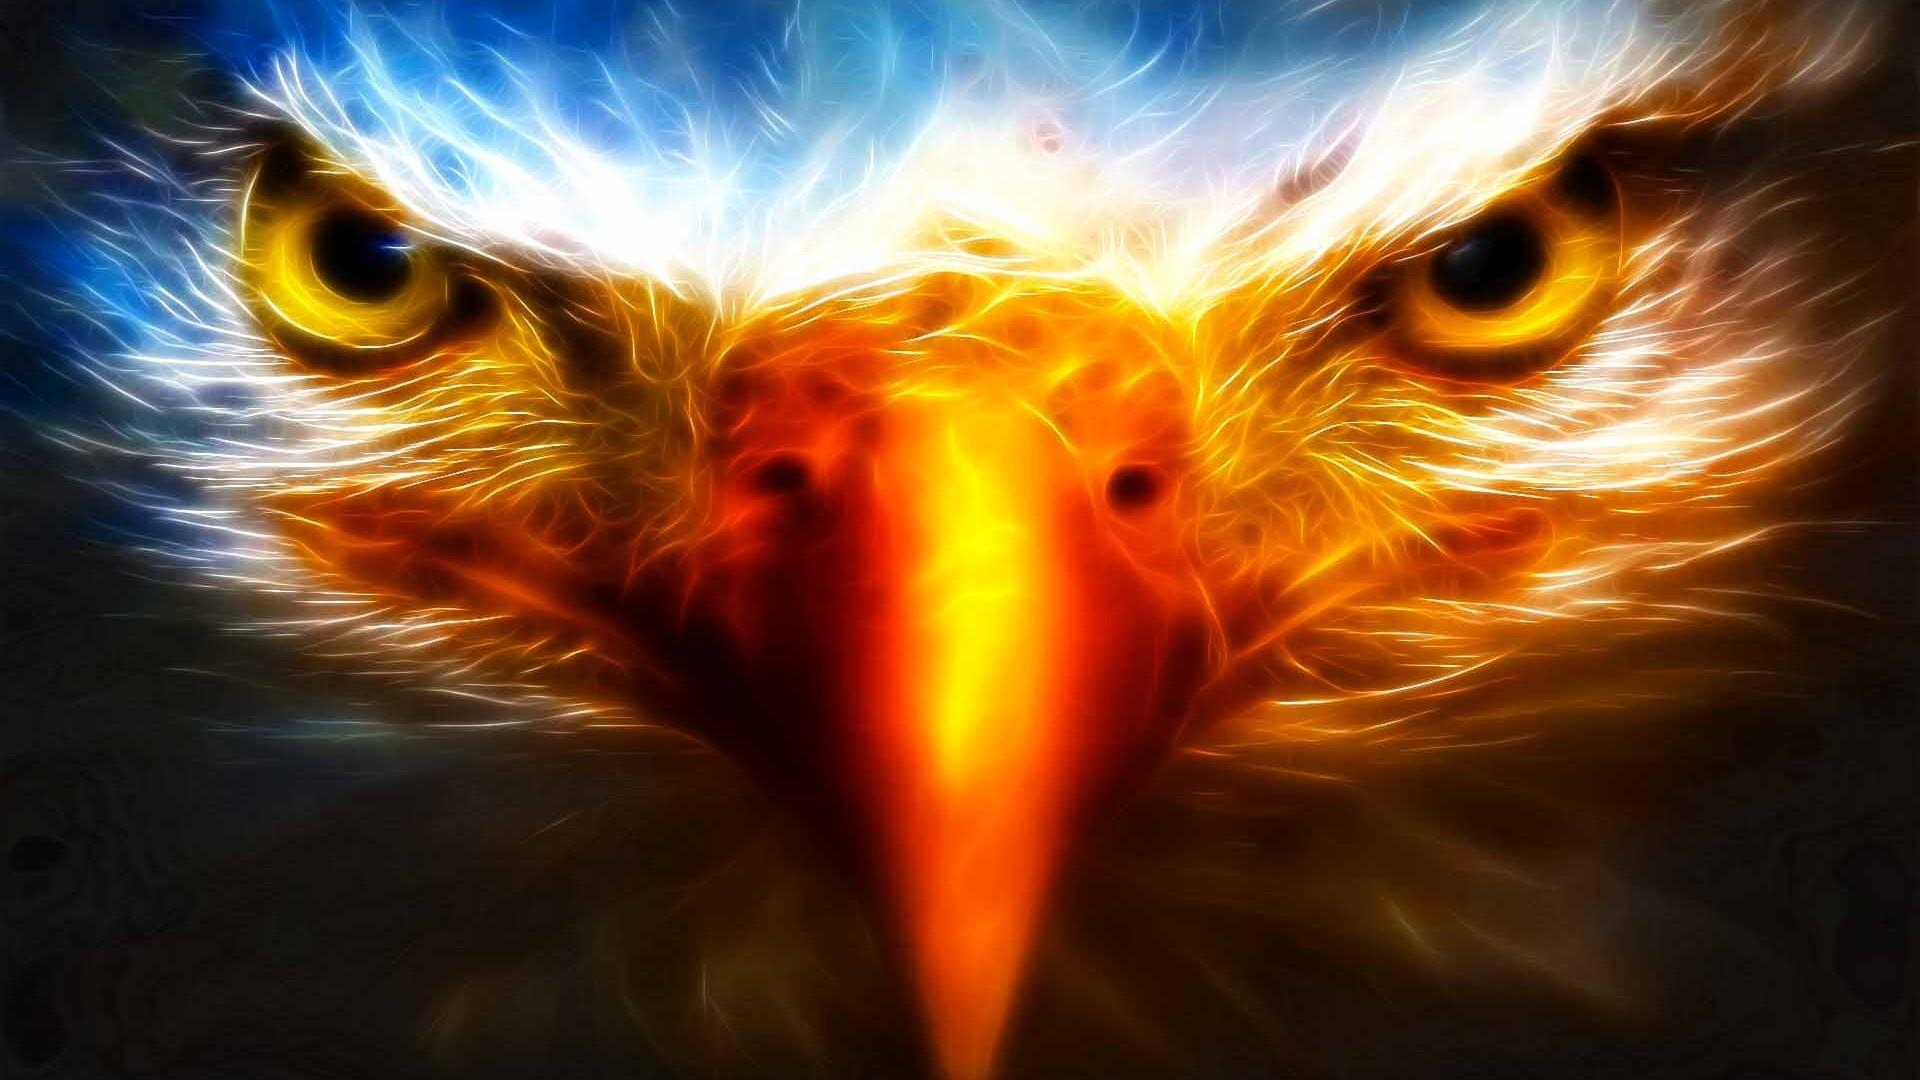 Golden Eagle Wallpaper 61 Images